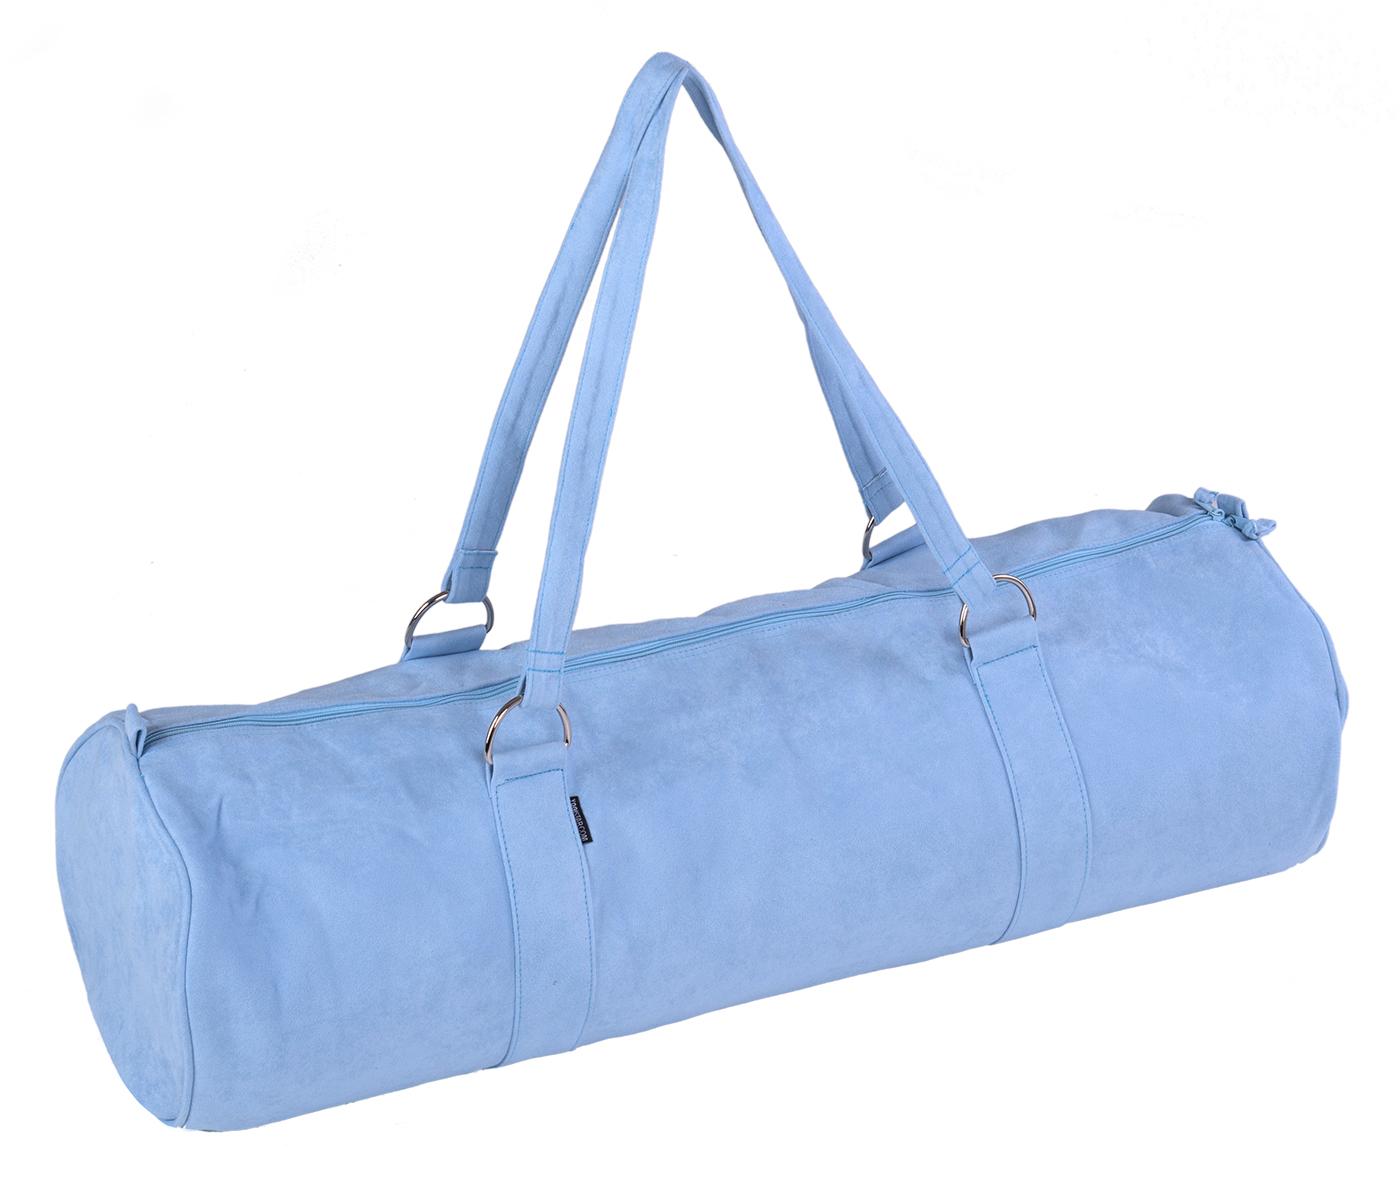 citybag extra big - blue 75cm